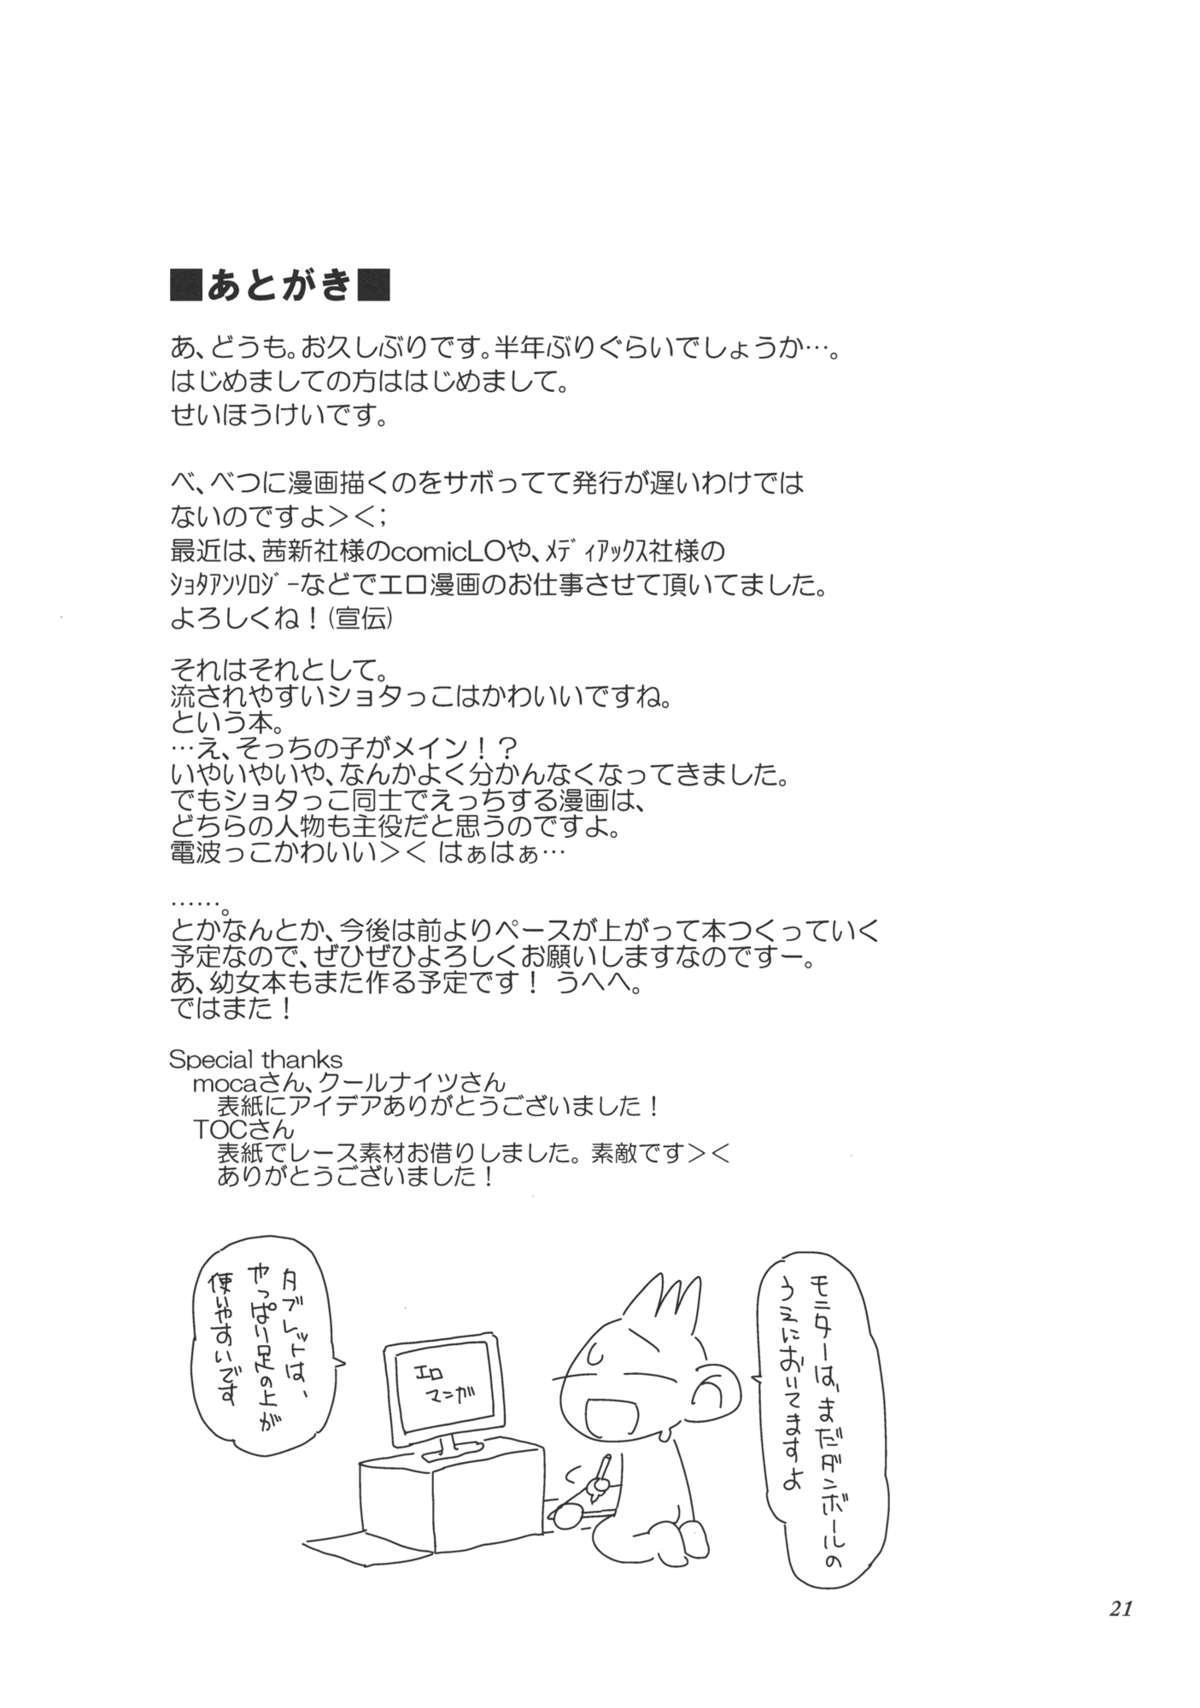 Sekai ga Dou toka Icchau Otokonoko wa Denpa Kawaii. 20